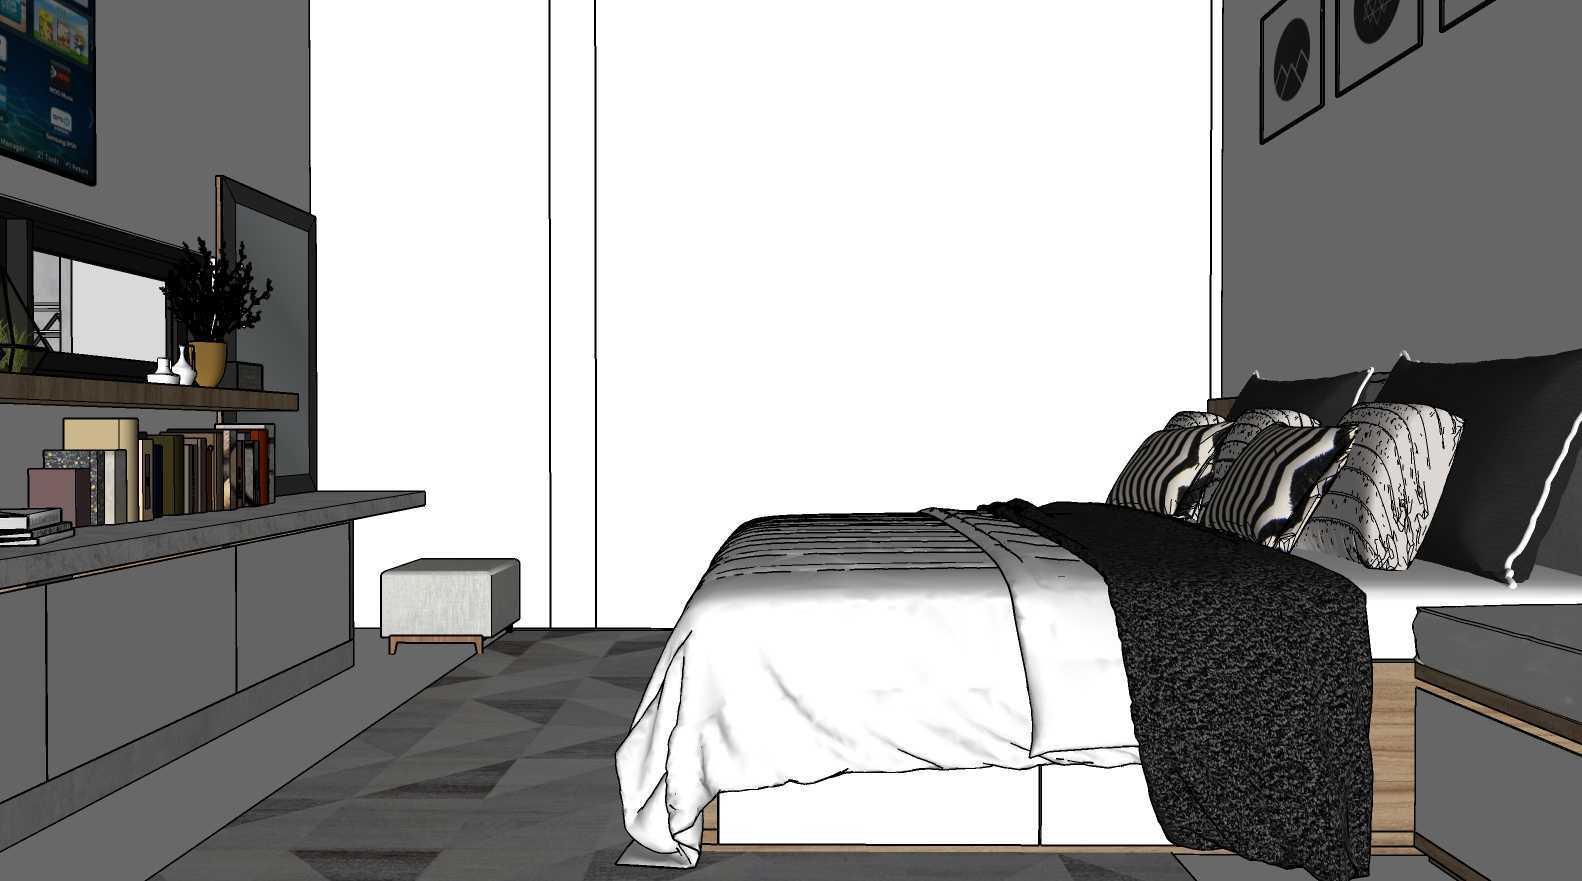 Aesthetic-In Atelier Casa De Elin Kec. Cibeureum, Tasikmalaya, Jawa Barat, Indonesia Kec. Cibeureum, Tasikmalaya, Jawa Barat, Indonesia Aesthetic-In-Atelier-Casa-De-Elin  95207